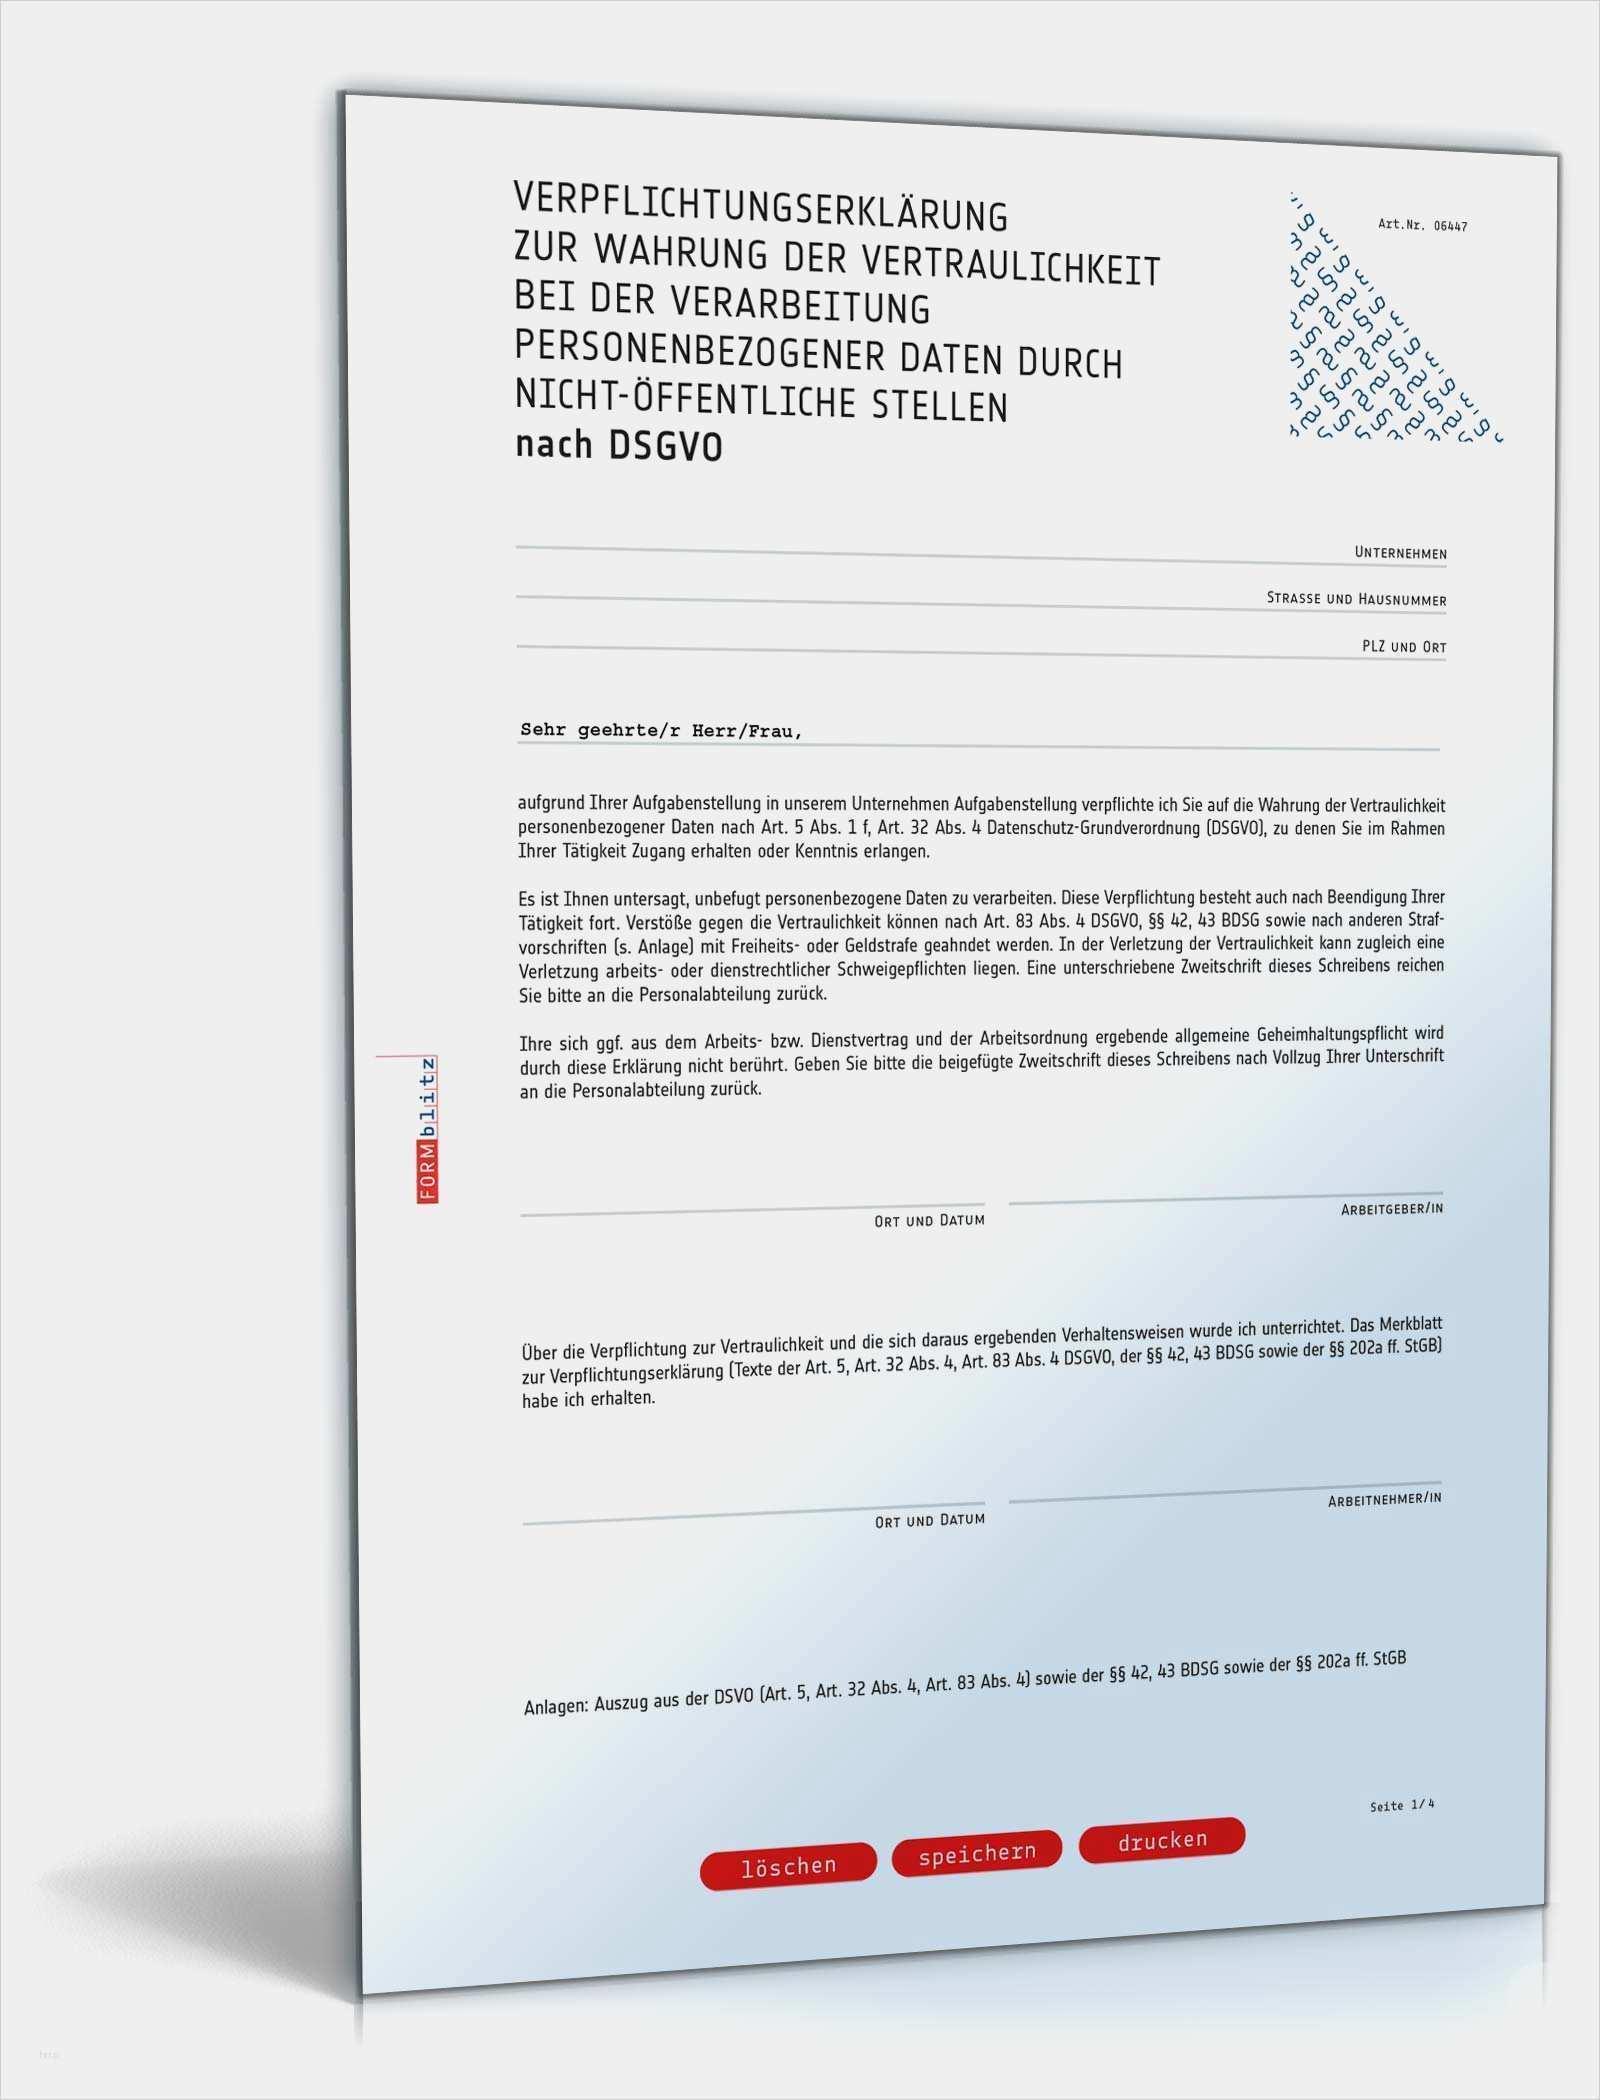 37 Suss Mitarbeiter Werben Mitarbeiter Vorlage Db Ideen Lebenslauf Vorlagen Word Vorlagen Vorlagen Word